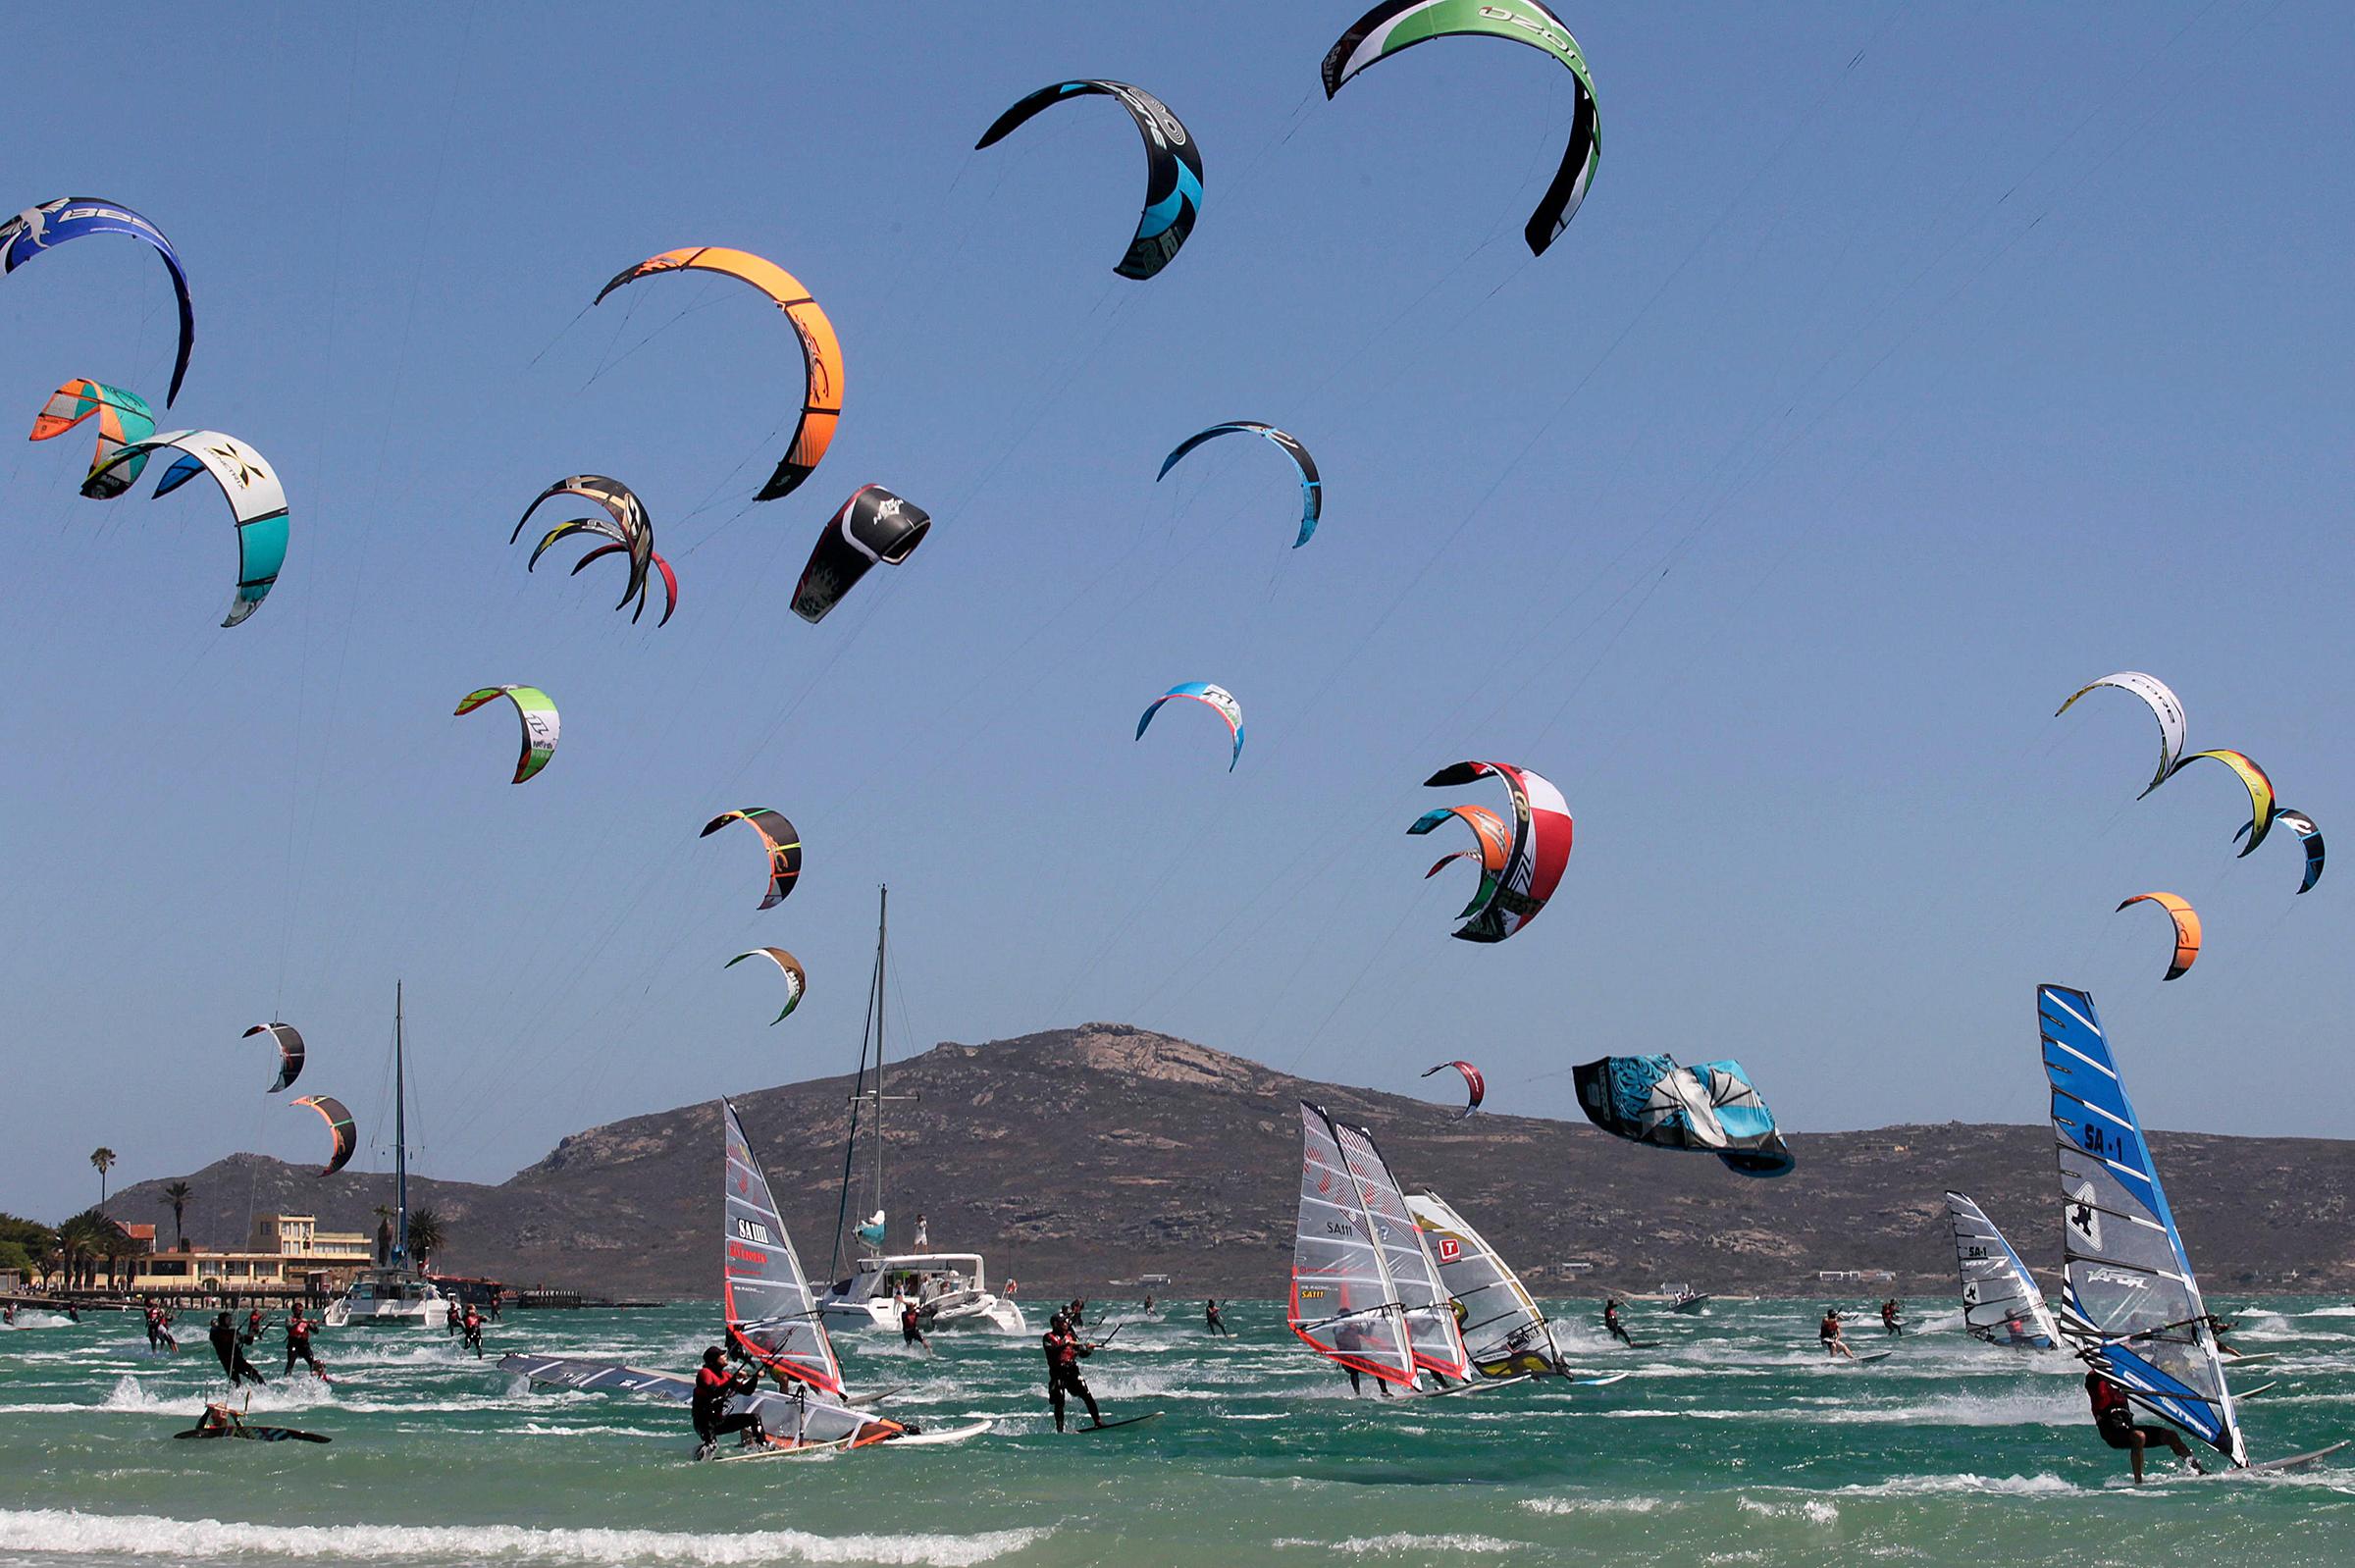 De 2 a 3 horas de Ciudad del Cabo Surfeo a vela y candamento en la costa oeste